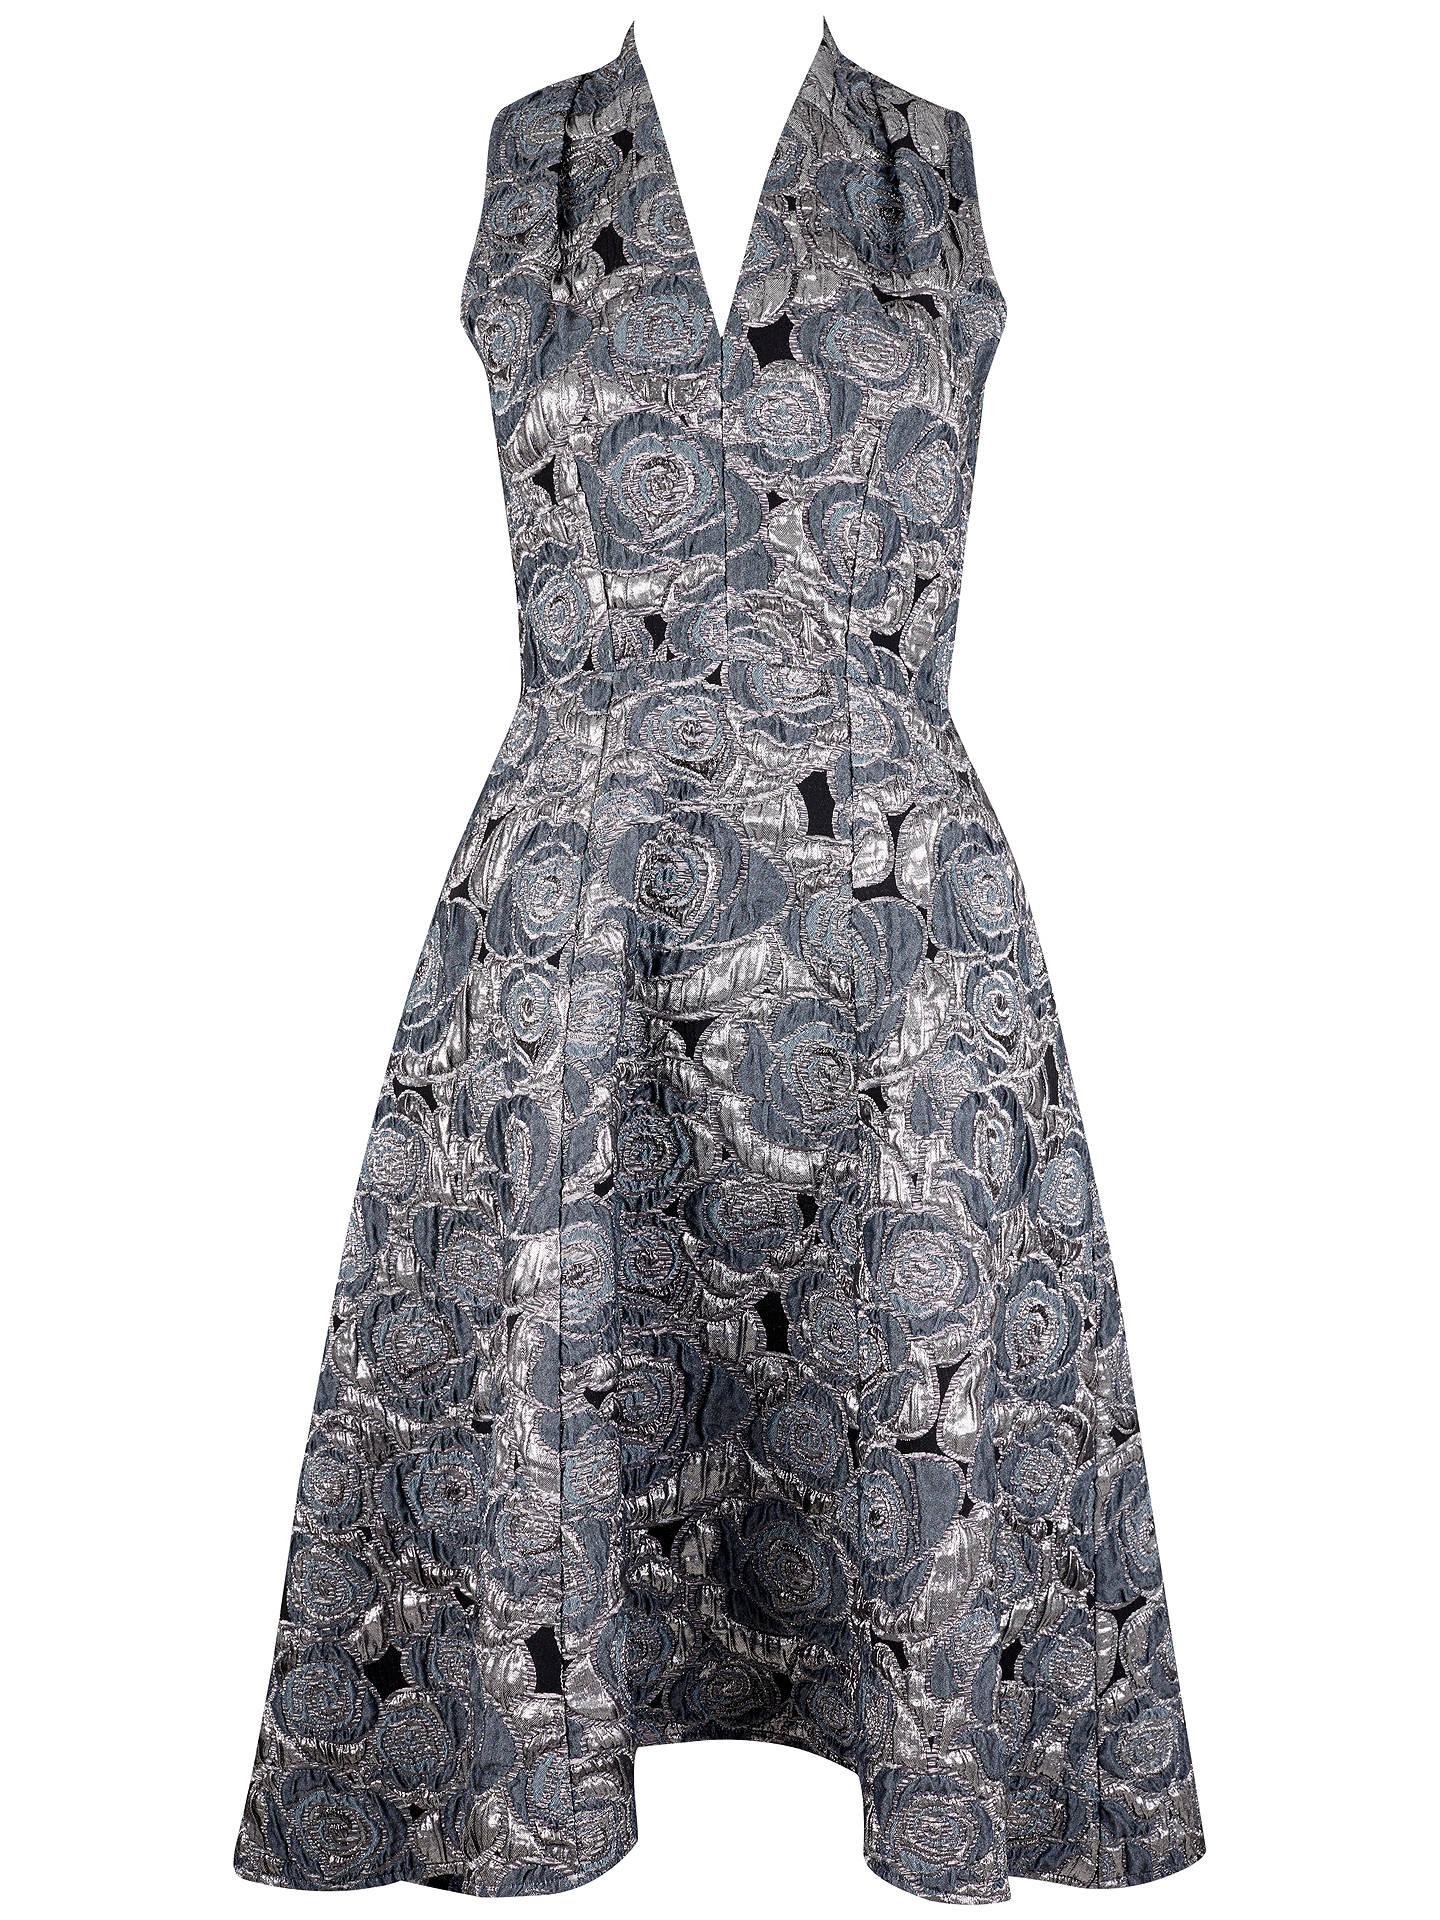 942d6ef7bbb2 Buy Closet Hi Low V Neck Metallic Dress